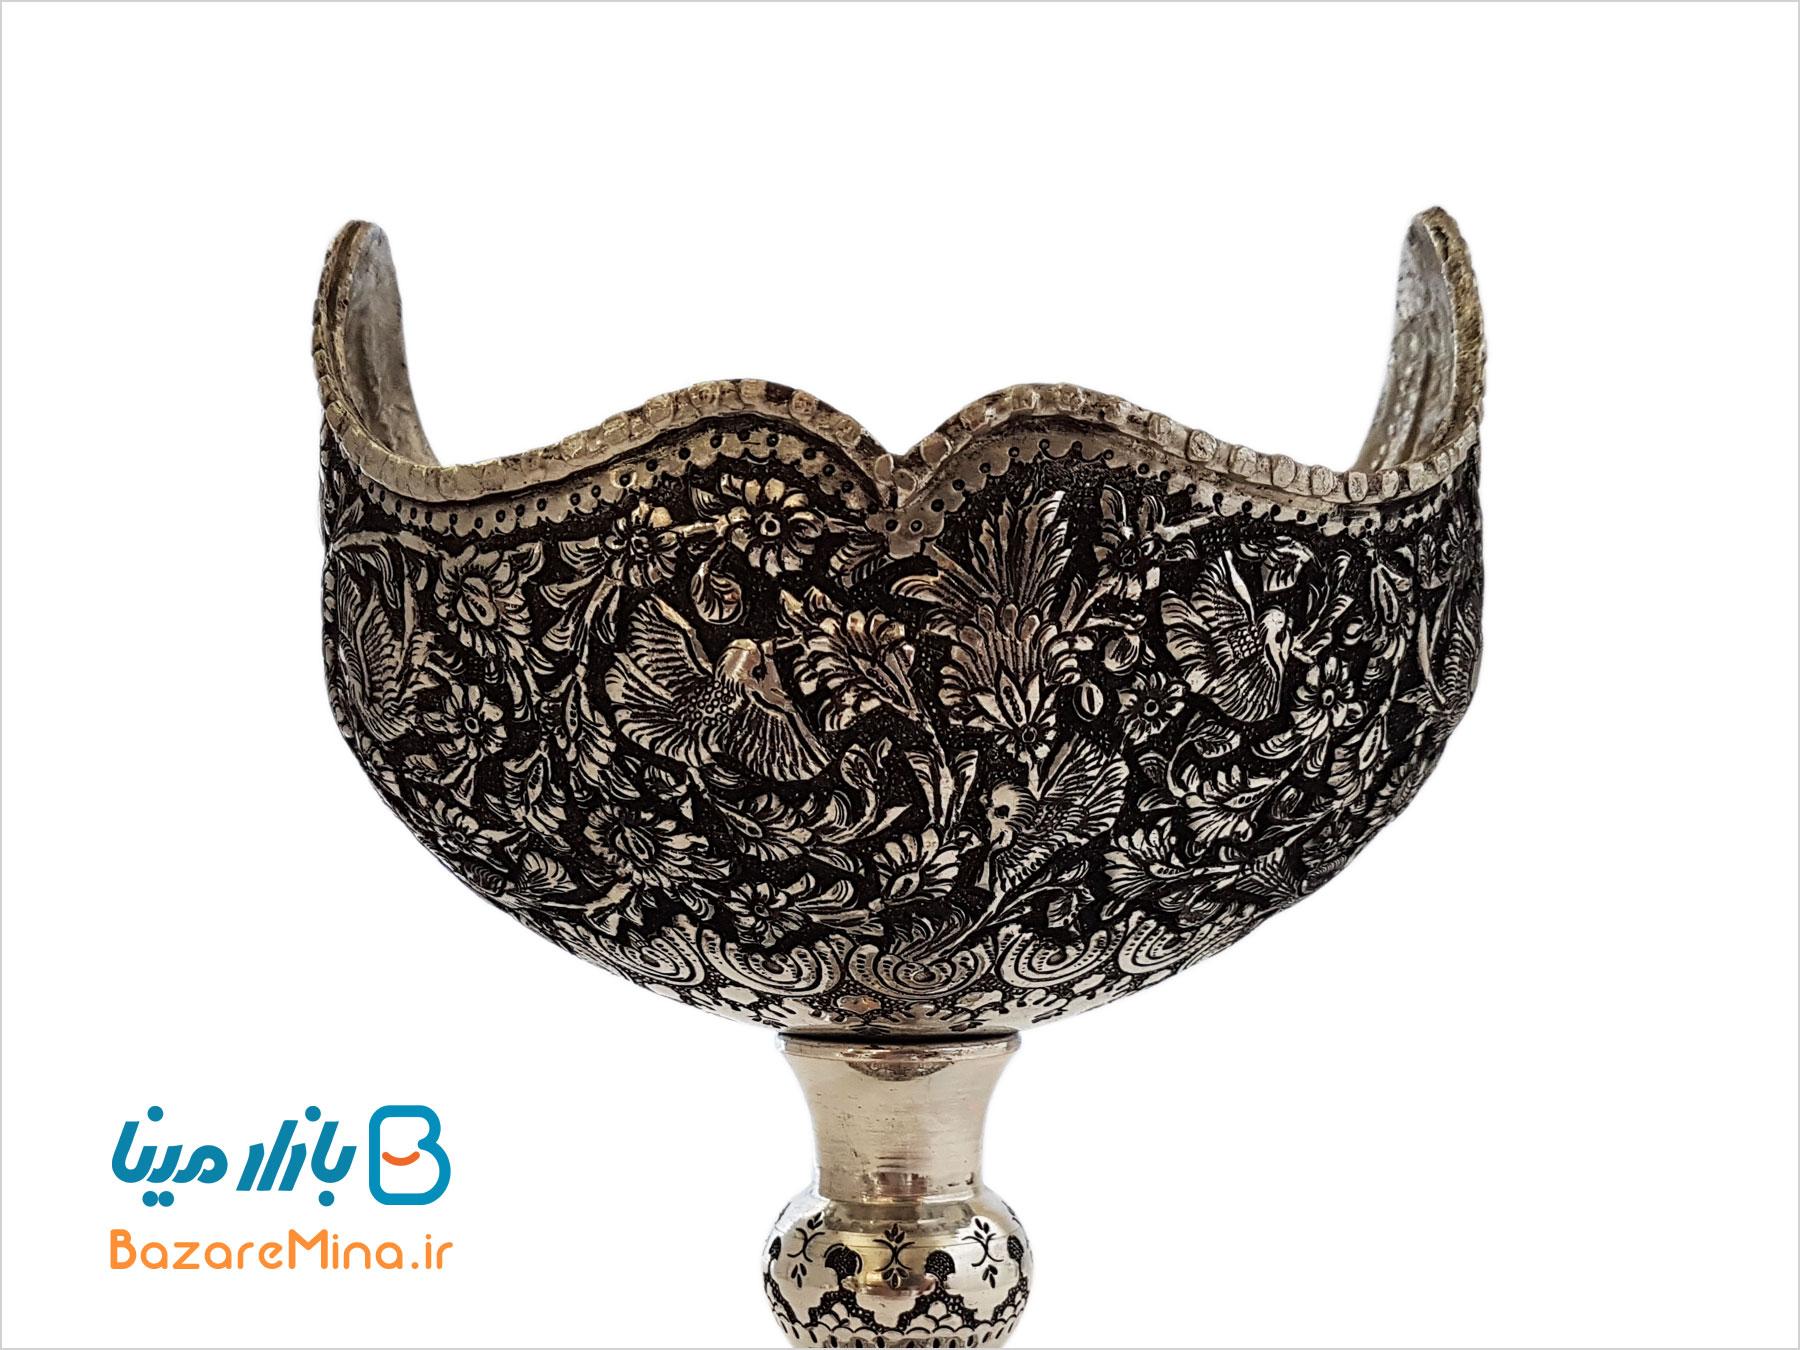 کشکول قلم زنی شده اصفهان